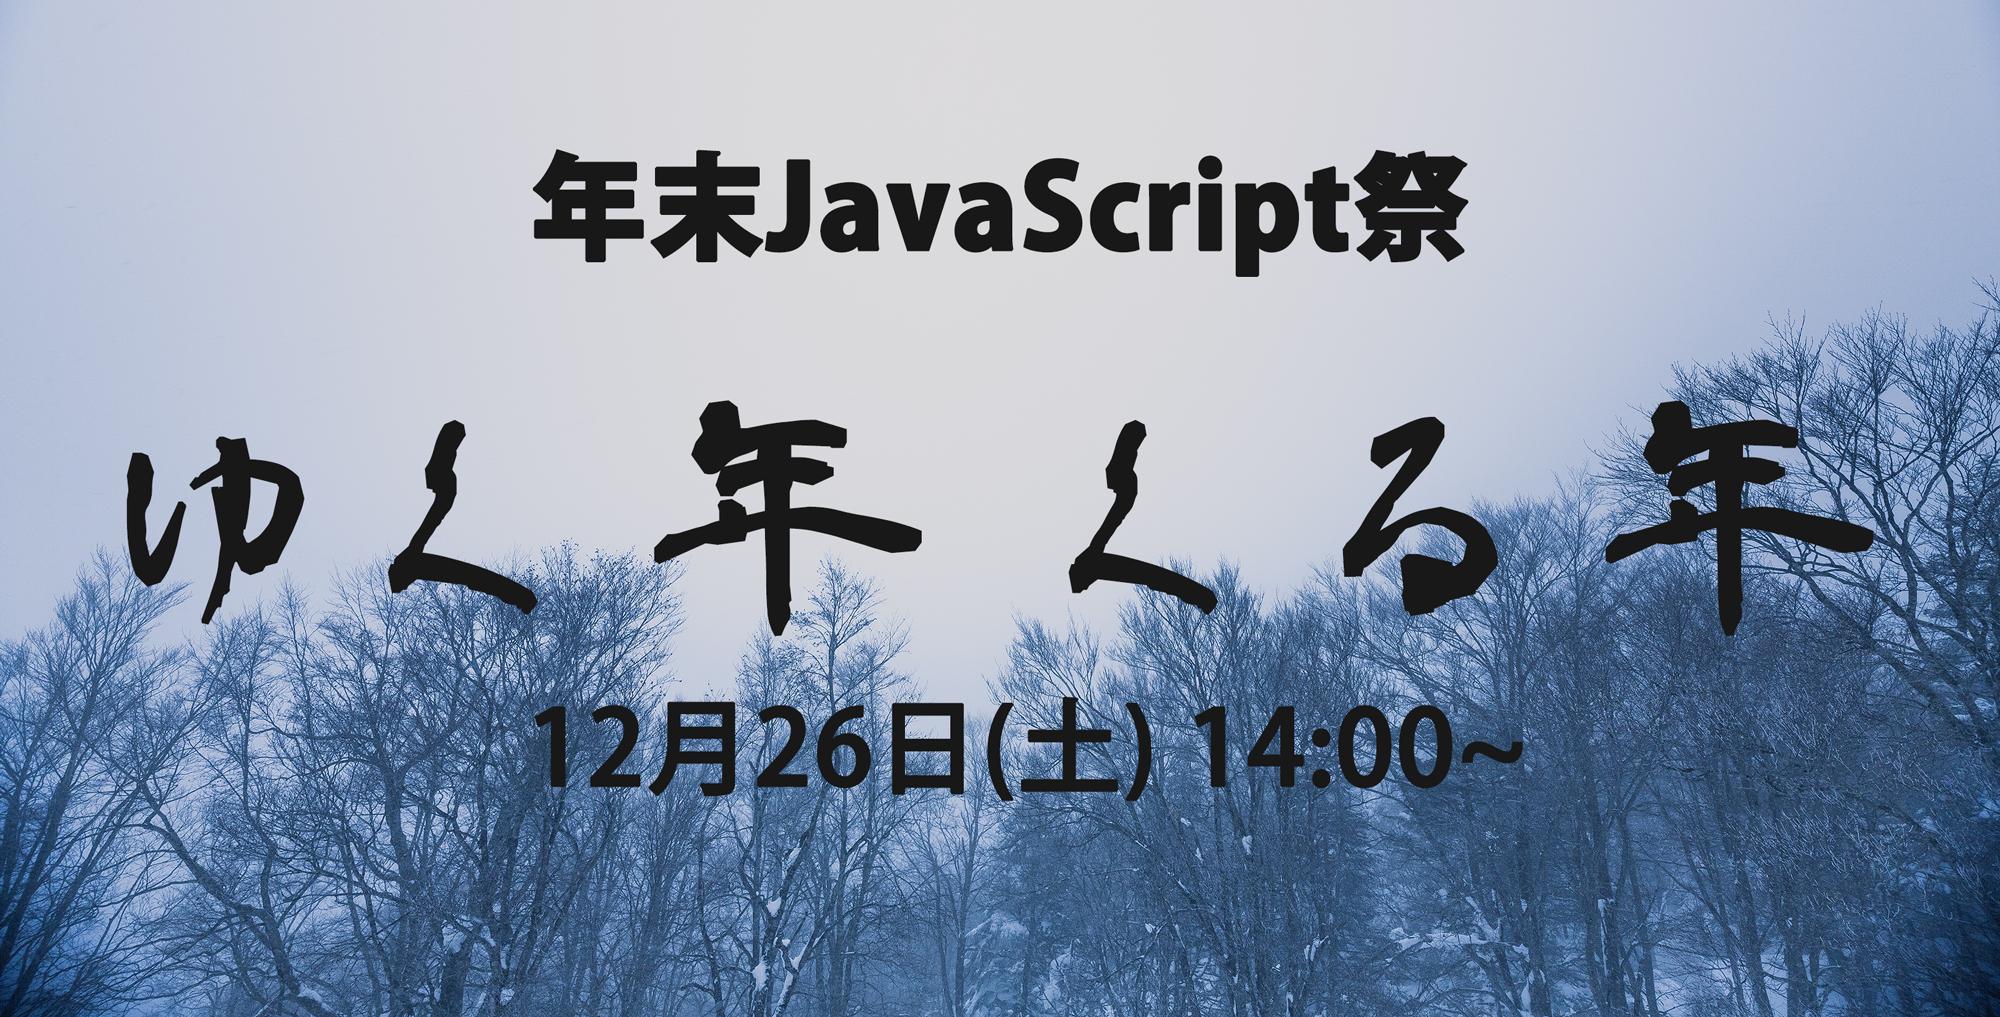 年末JavaScript